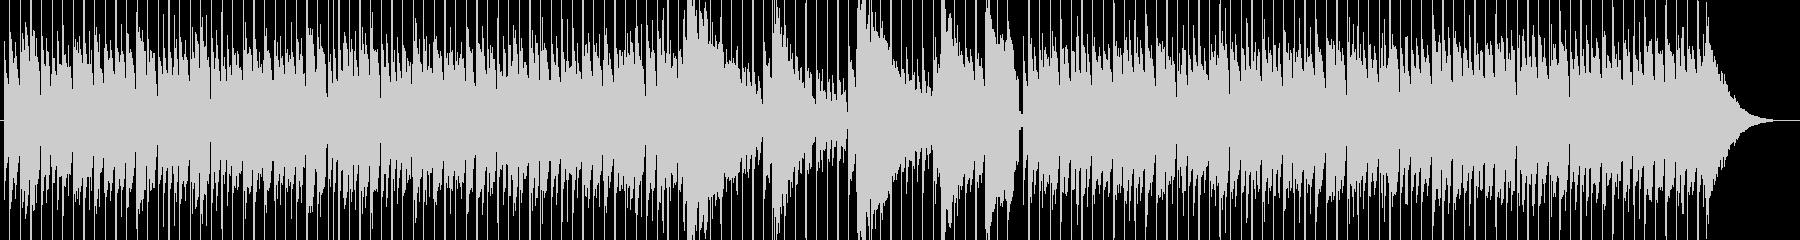 ショートムービー ほのぼの アコギの未再生の波形